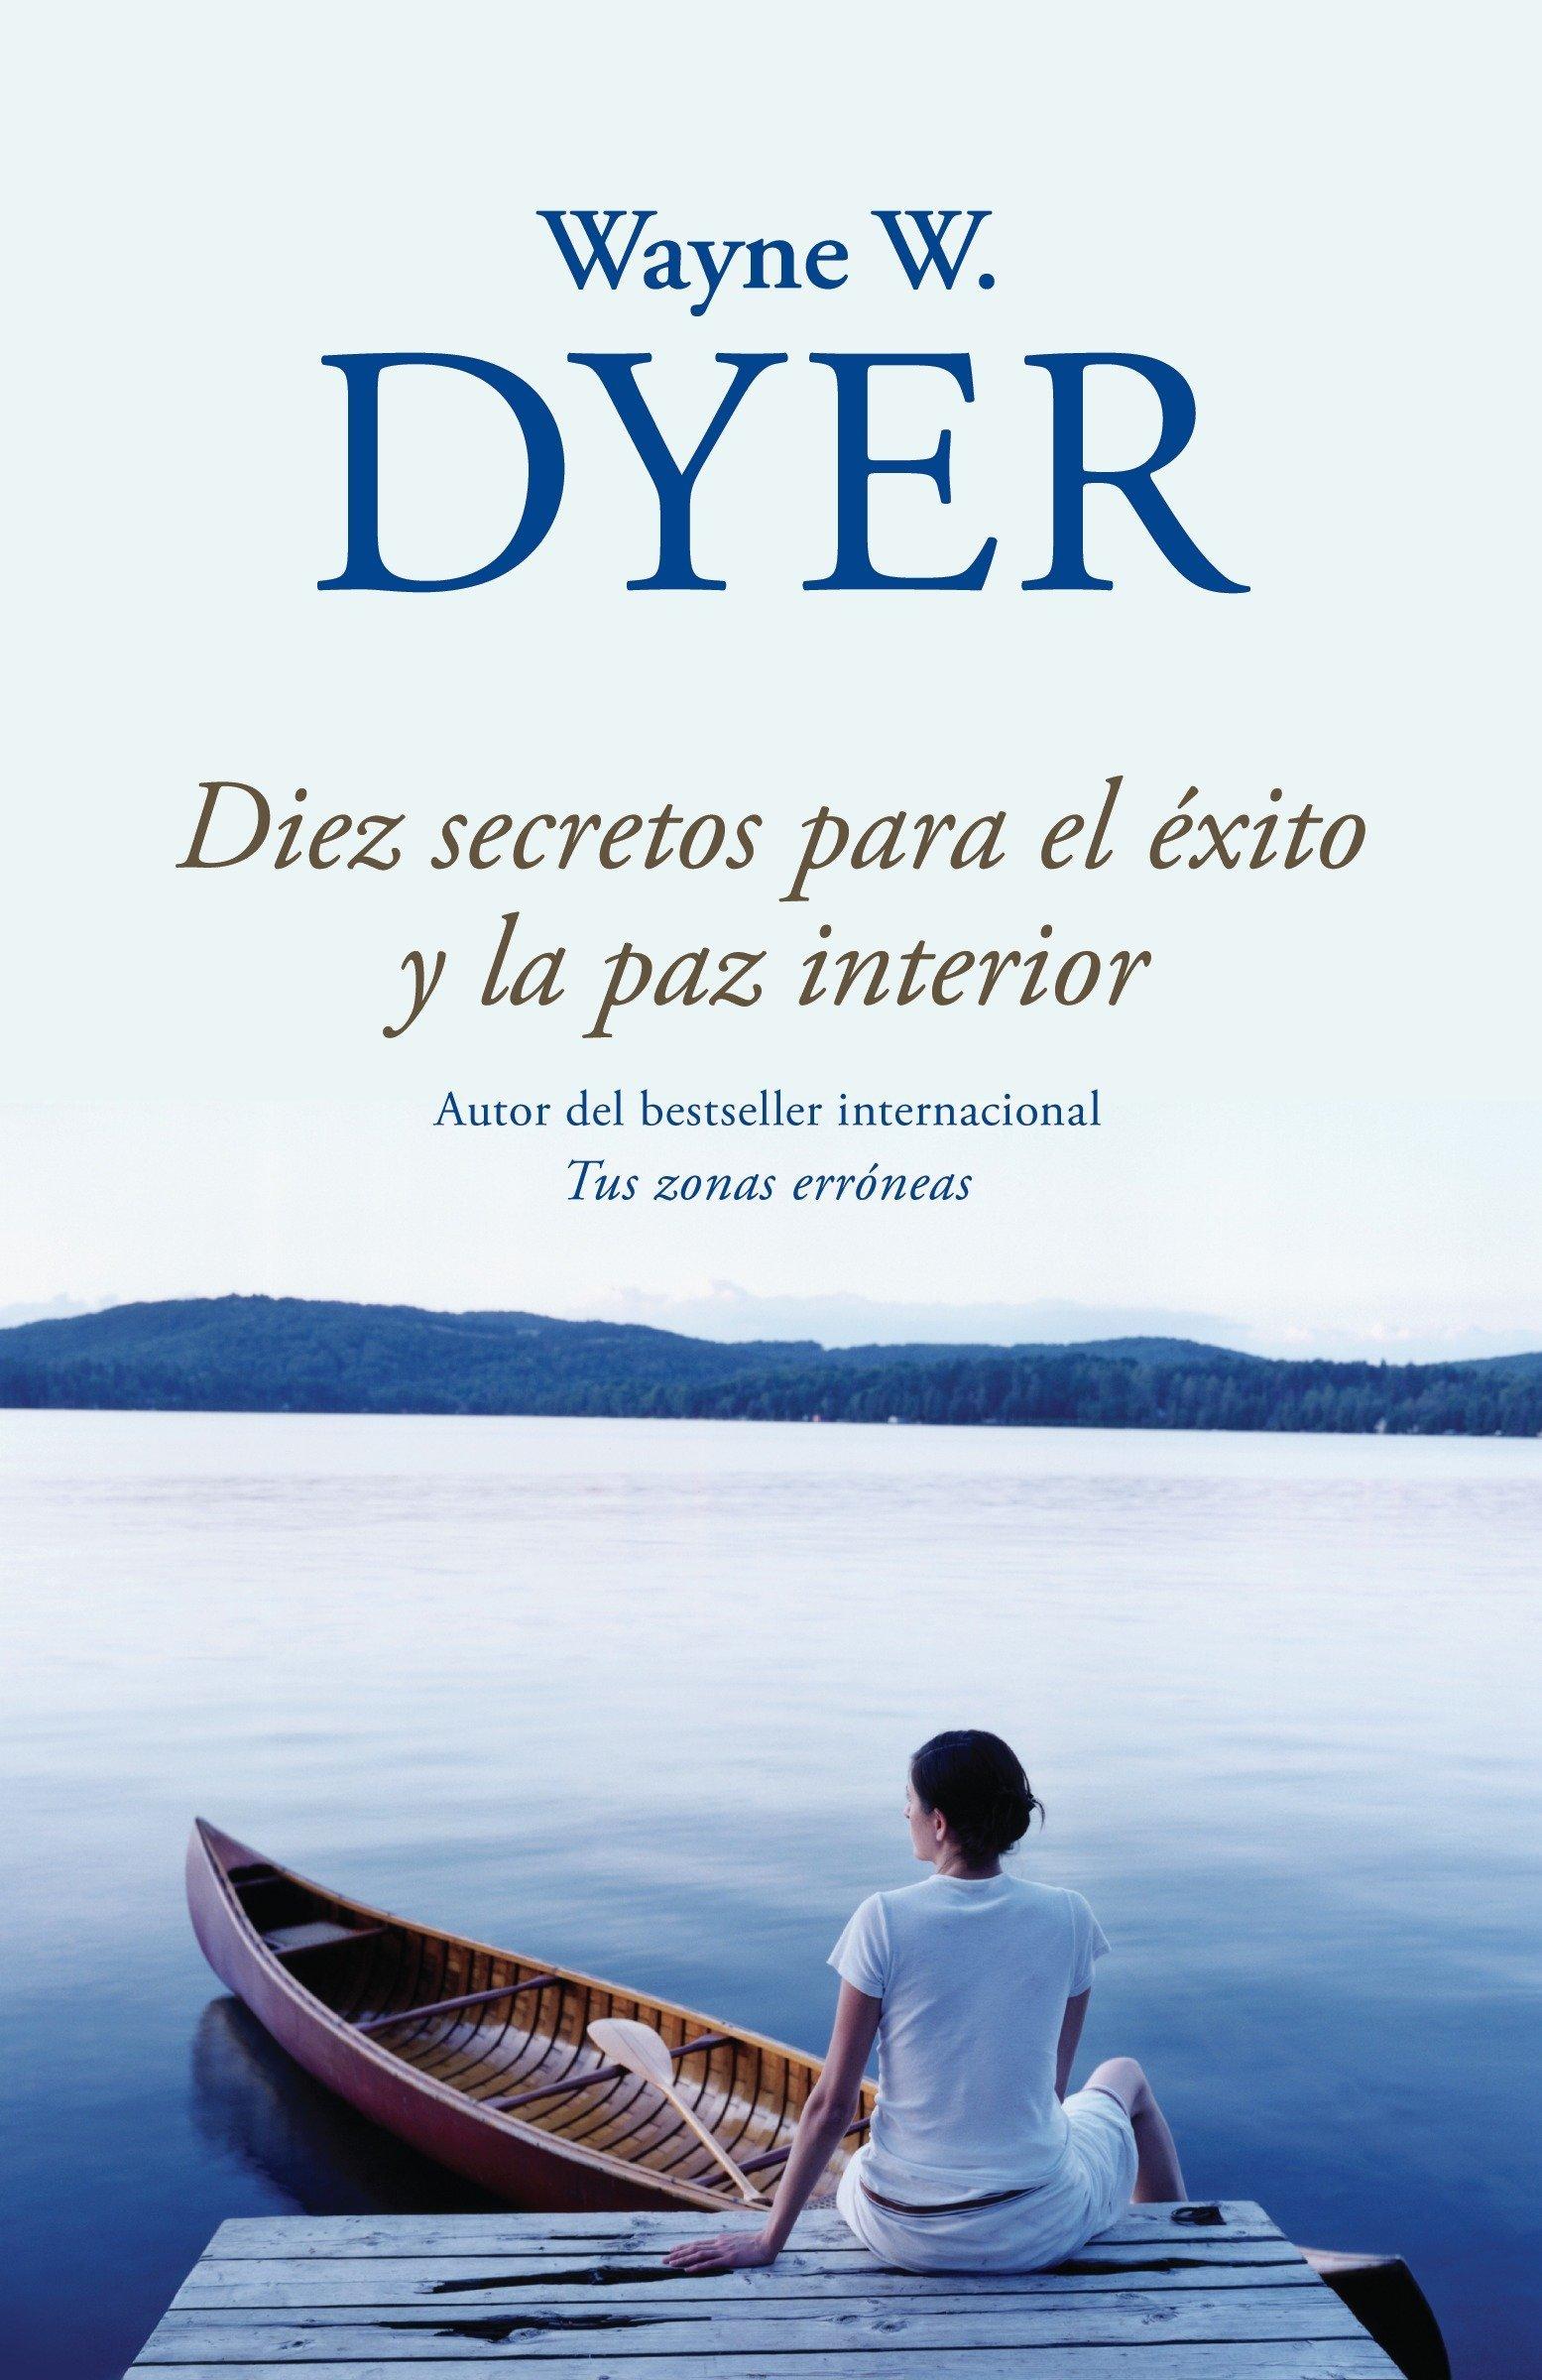 Diez secretos para el exito y la paz interior / 10 Secrets for Success and Inner Peace (Spanish Edition): Wayne Dyer: 9780307949127: Amazon.com: Books